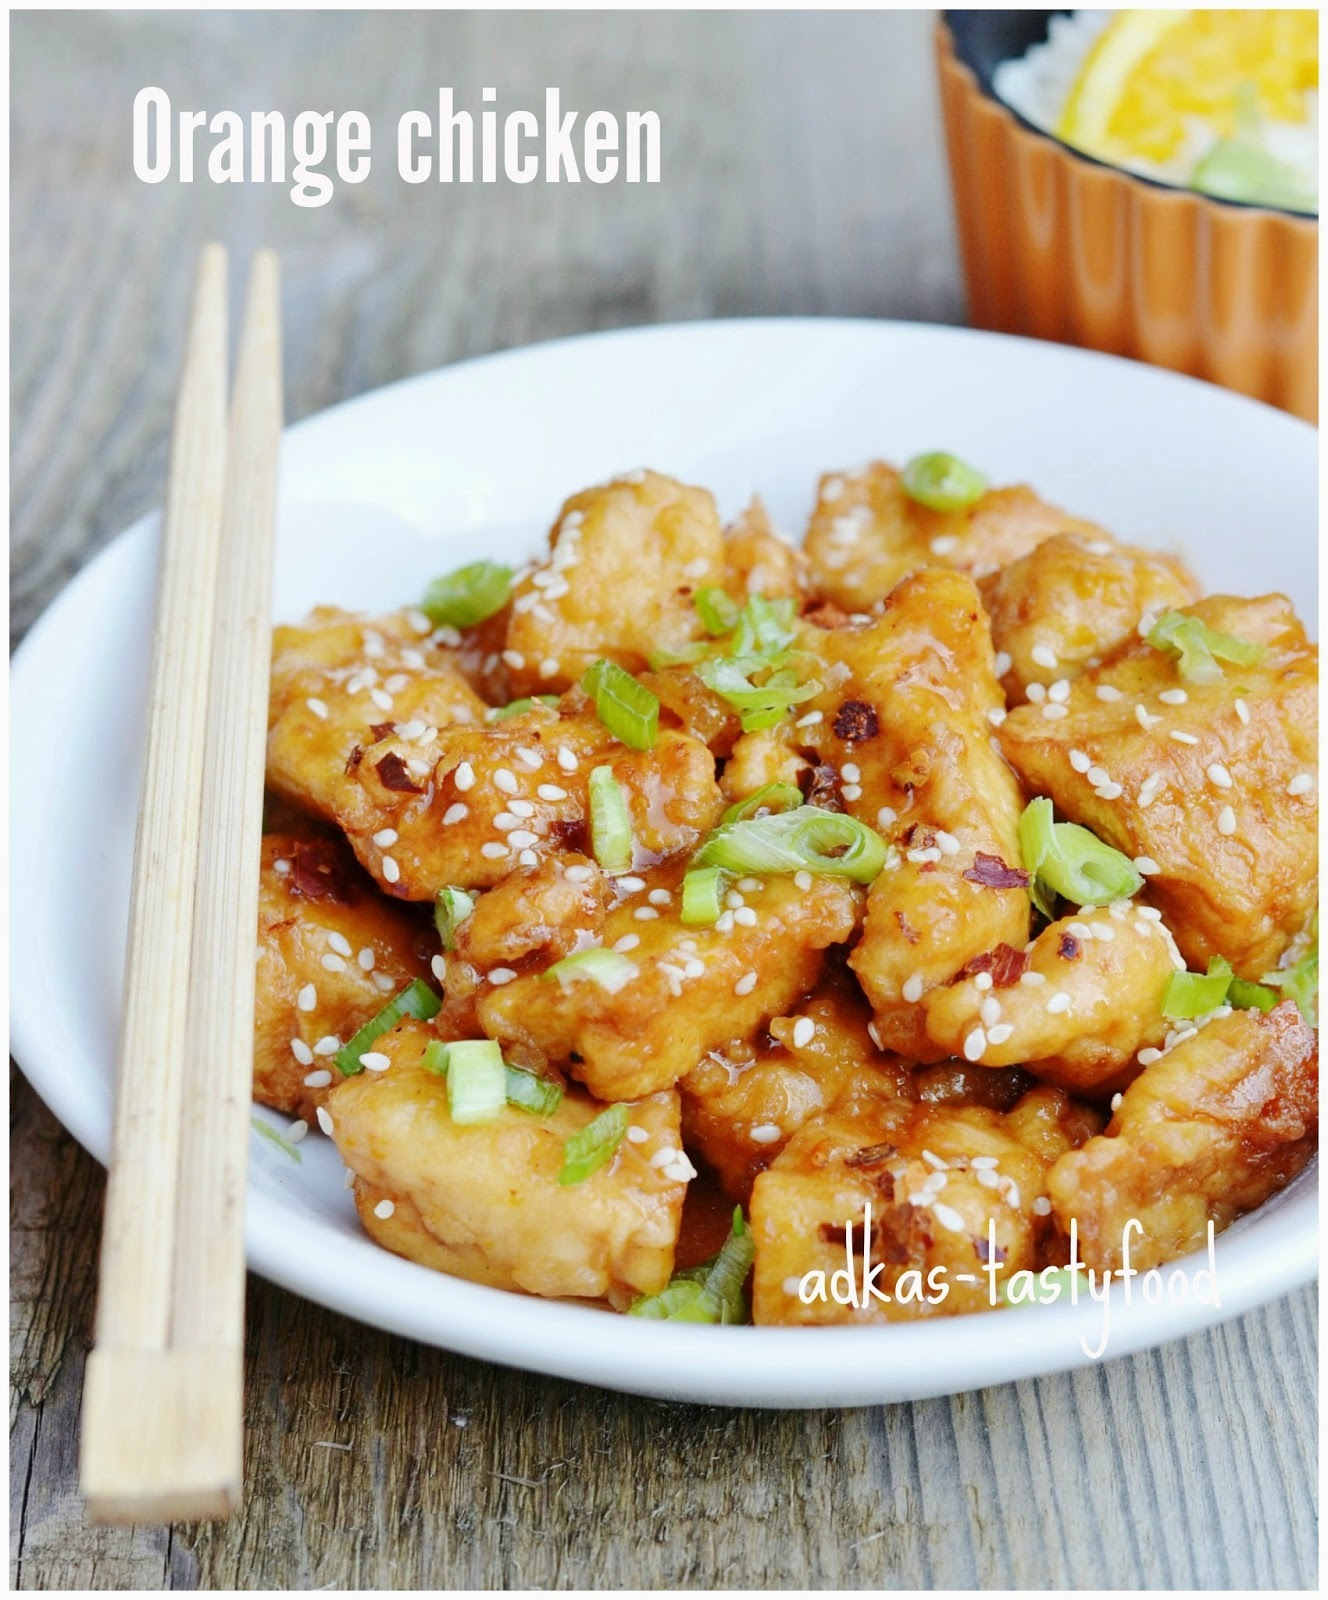 Kuracie kúsky v pomarančovej omáčke - Orange chicken